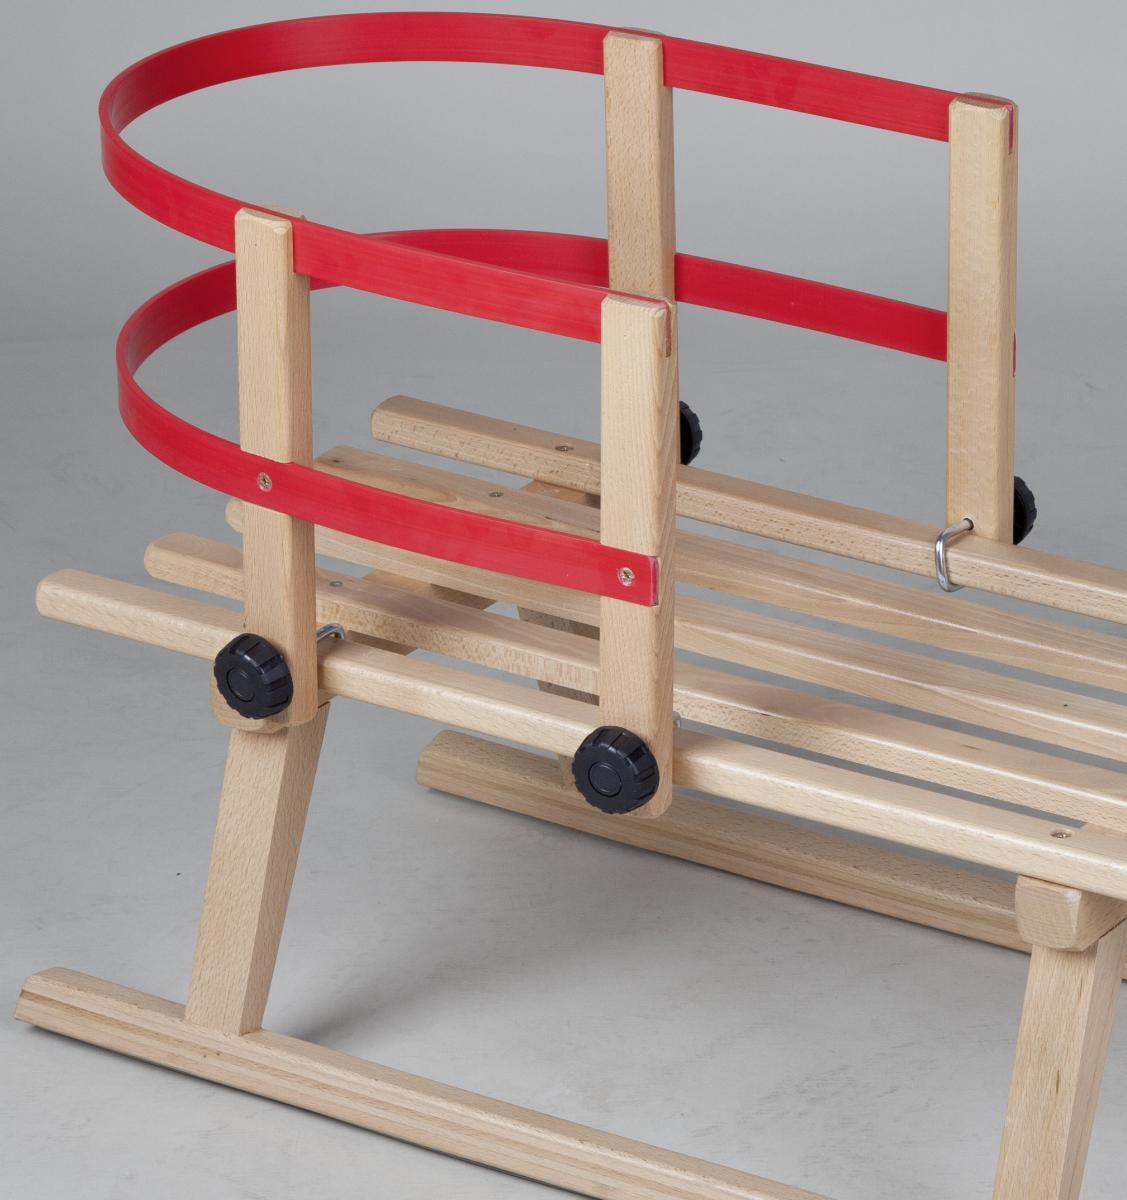 schlittenlehne f r kleinkinder bis 3 jahre g nstig online kaufen. Black Bedroom Furniture Sets. Home Design Ideas